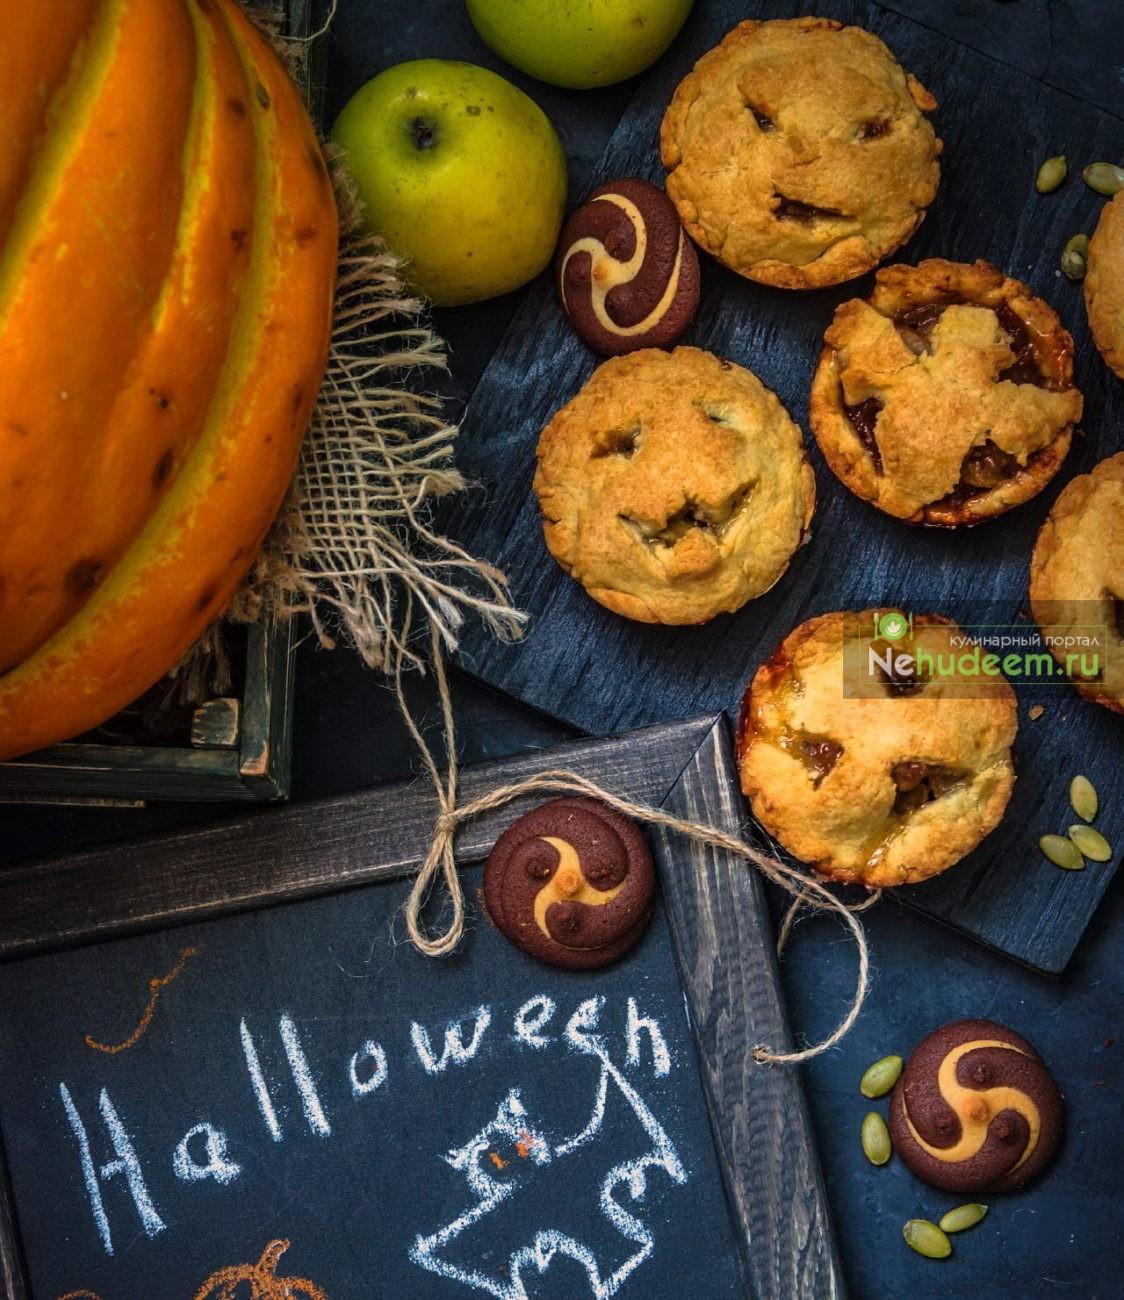 Рецепты на хэллоуин с пошаговым